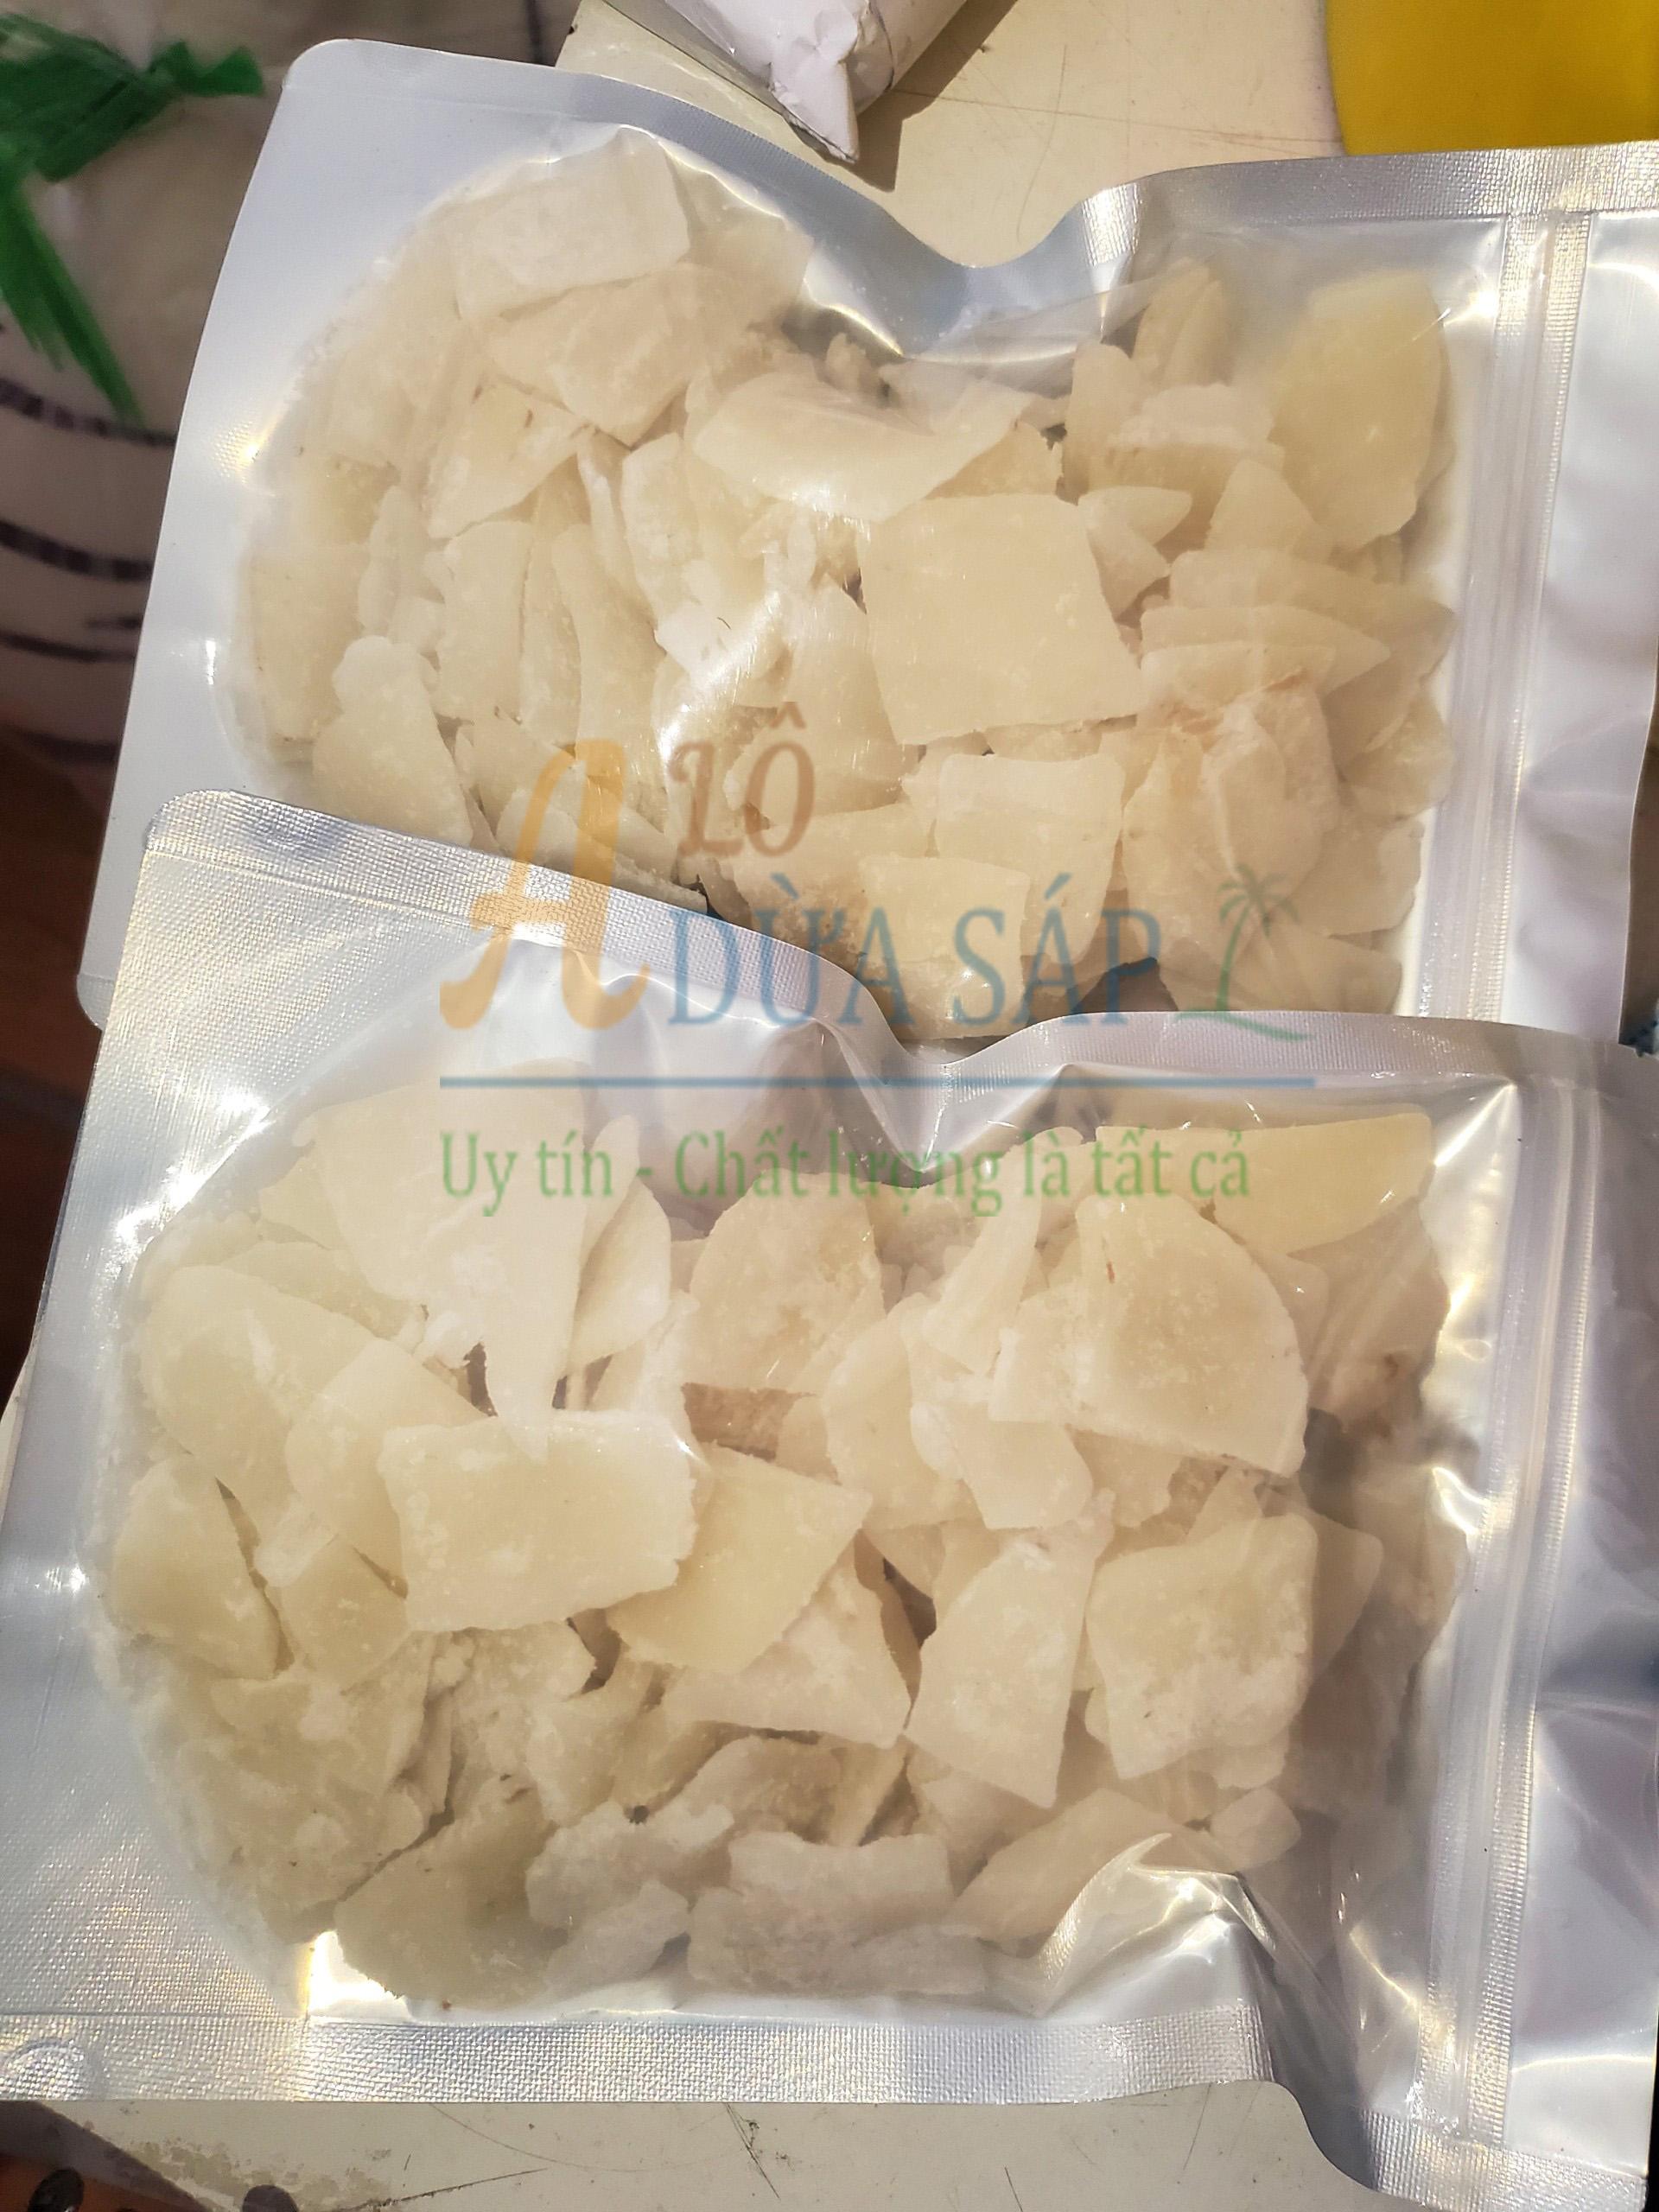 Mứt dừa sáp được đóng gói an toàn và đảm bảo vệ sinh